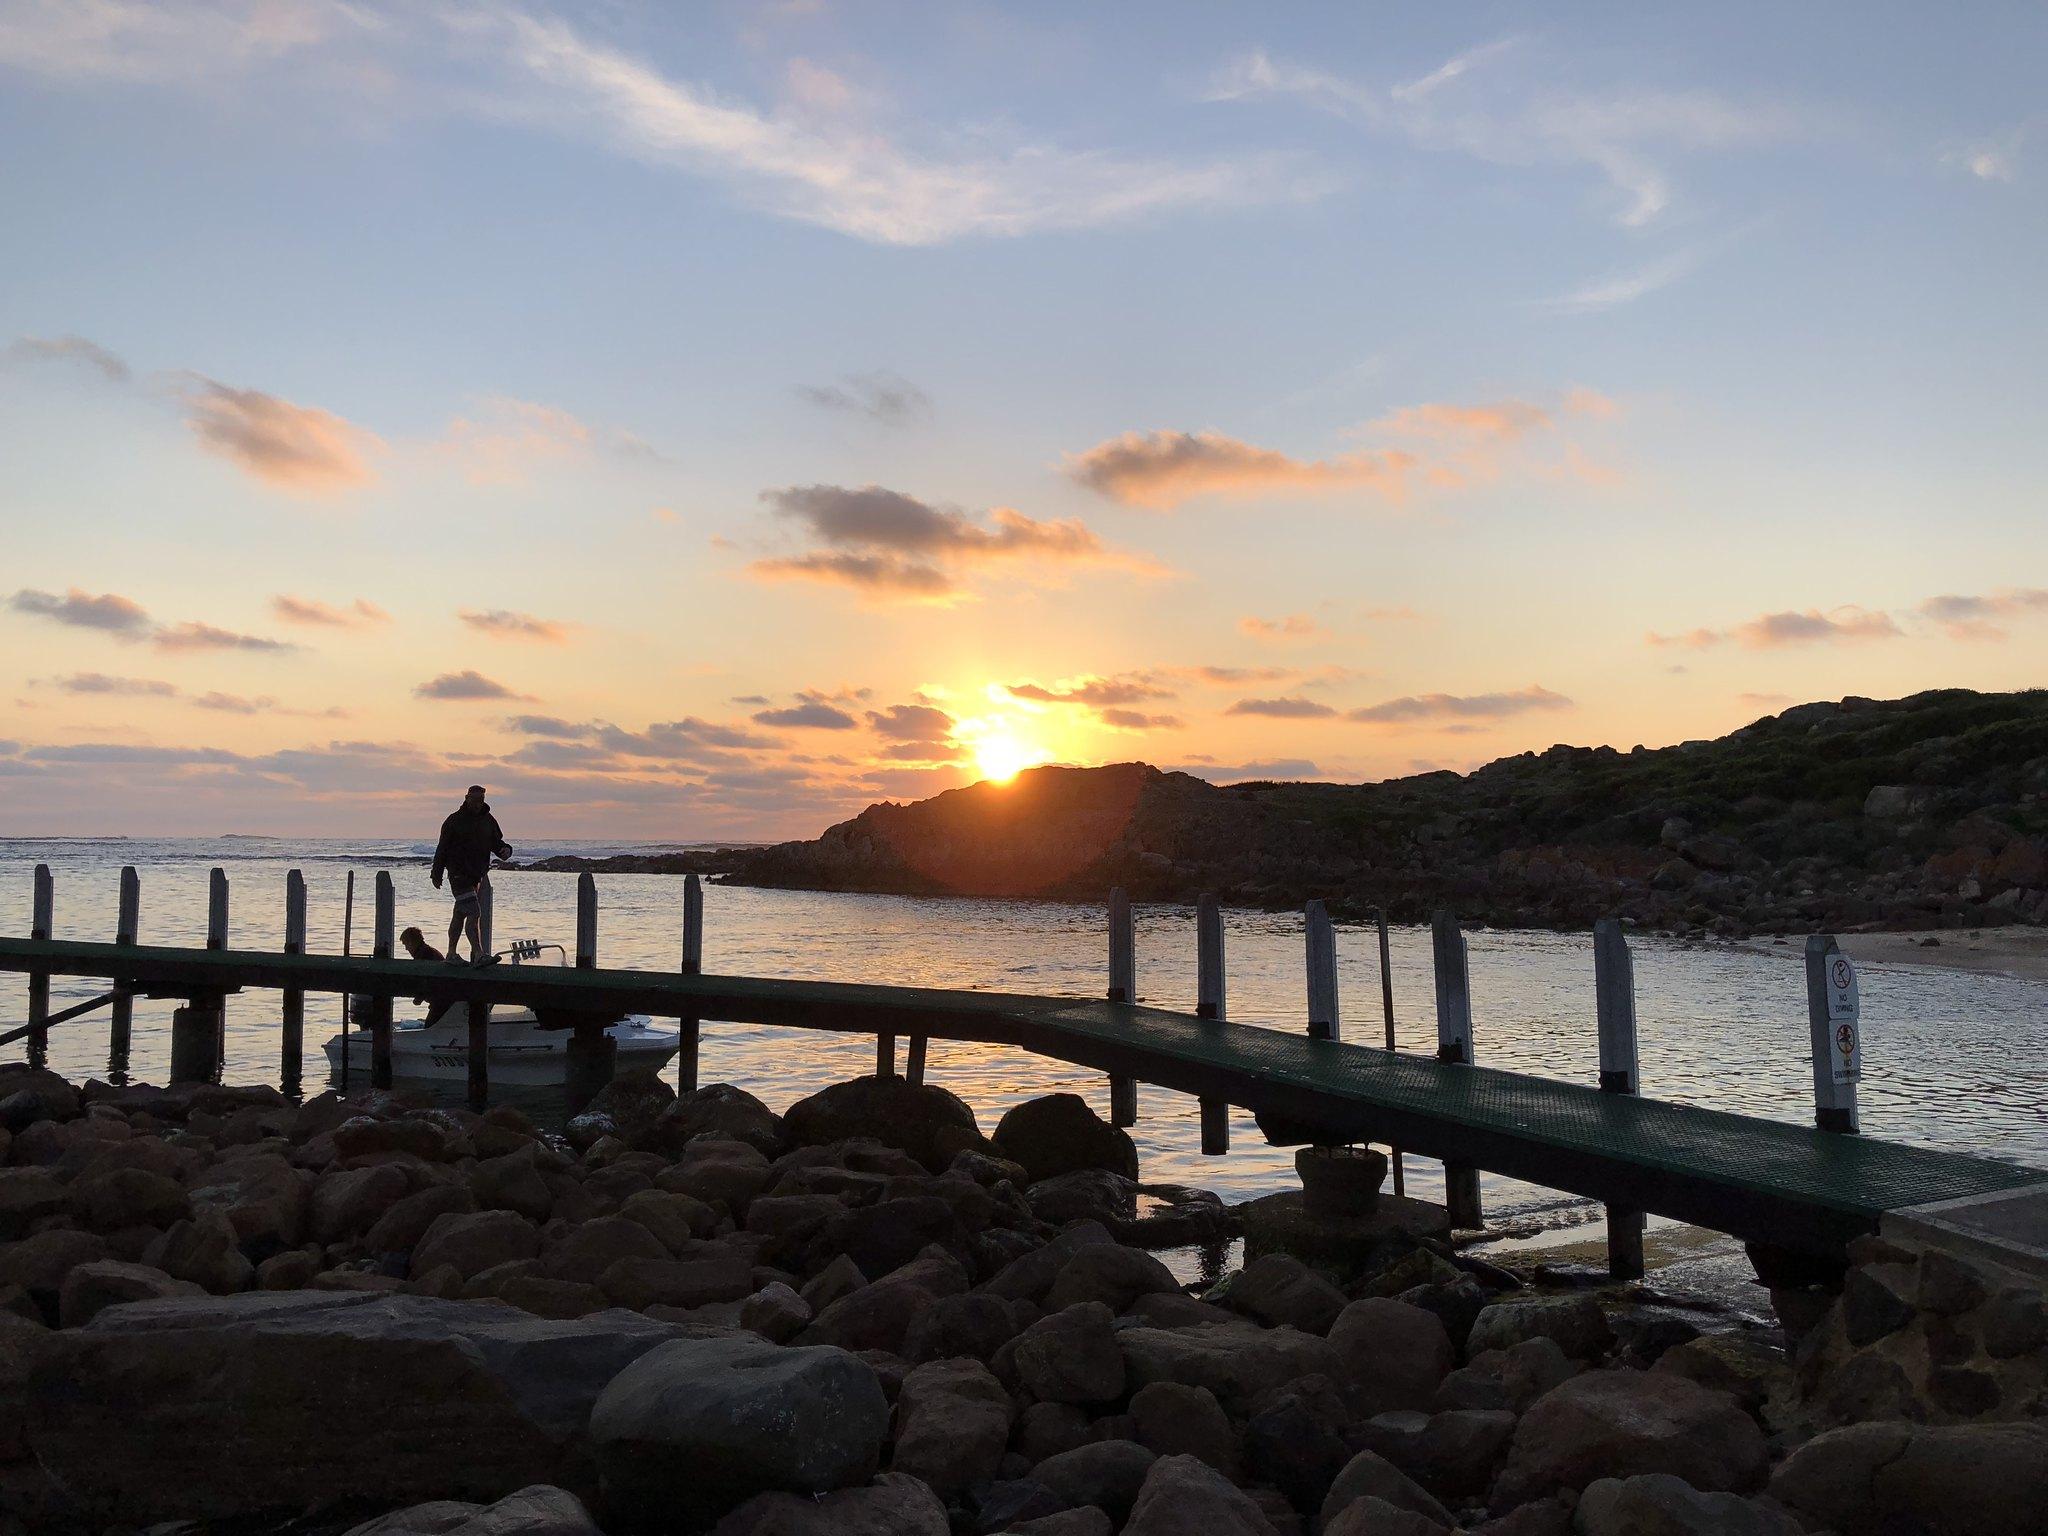 Sunset at Cowaramup Bay